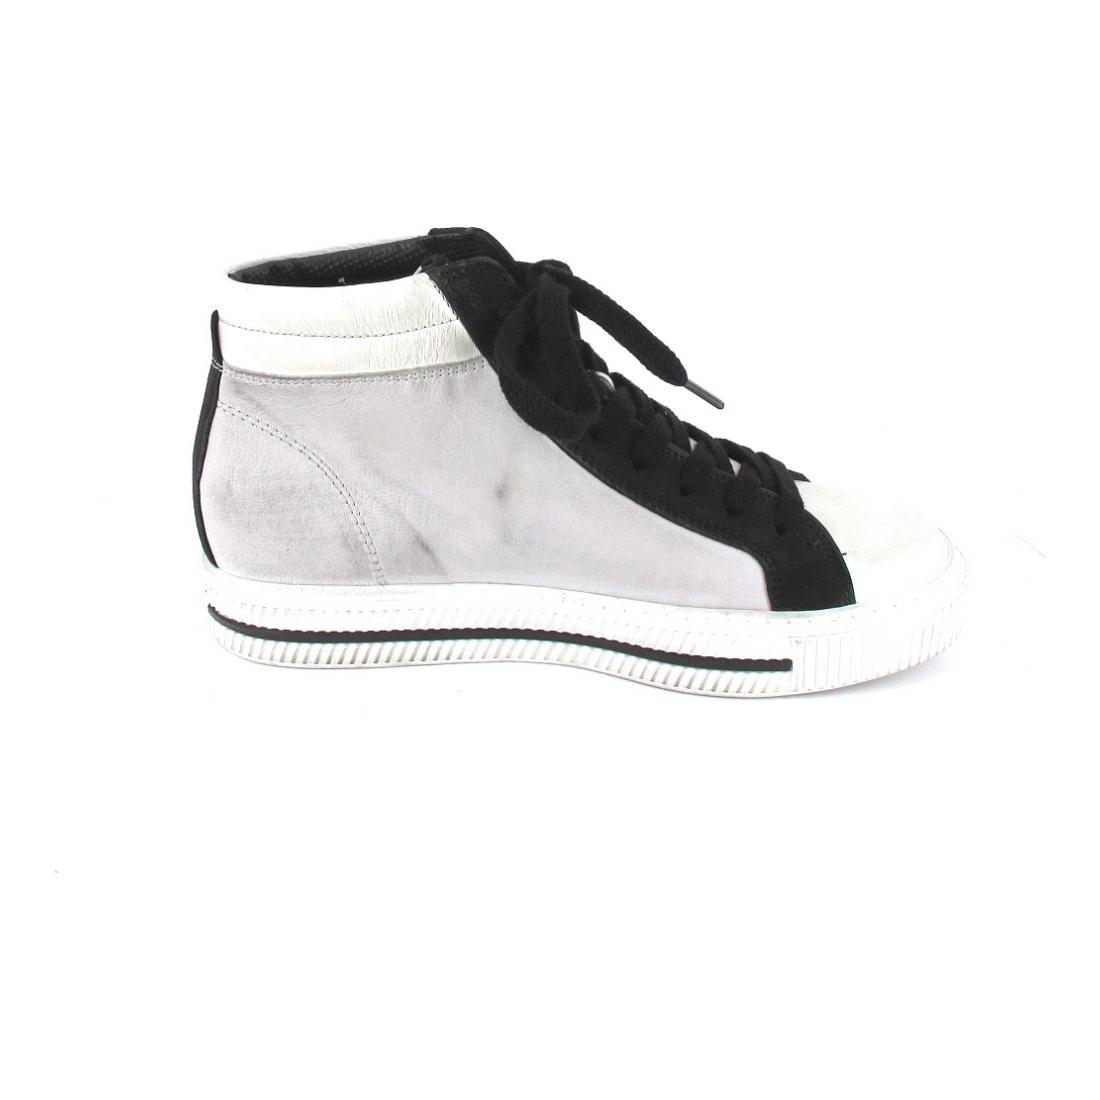 Paul Green Sneaker high | Schuh Welt Wo Markenschuhe